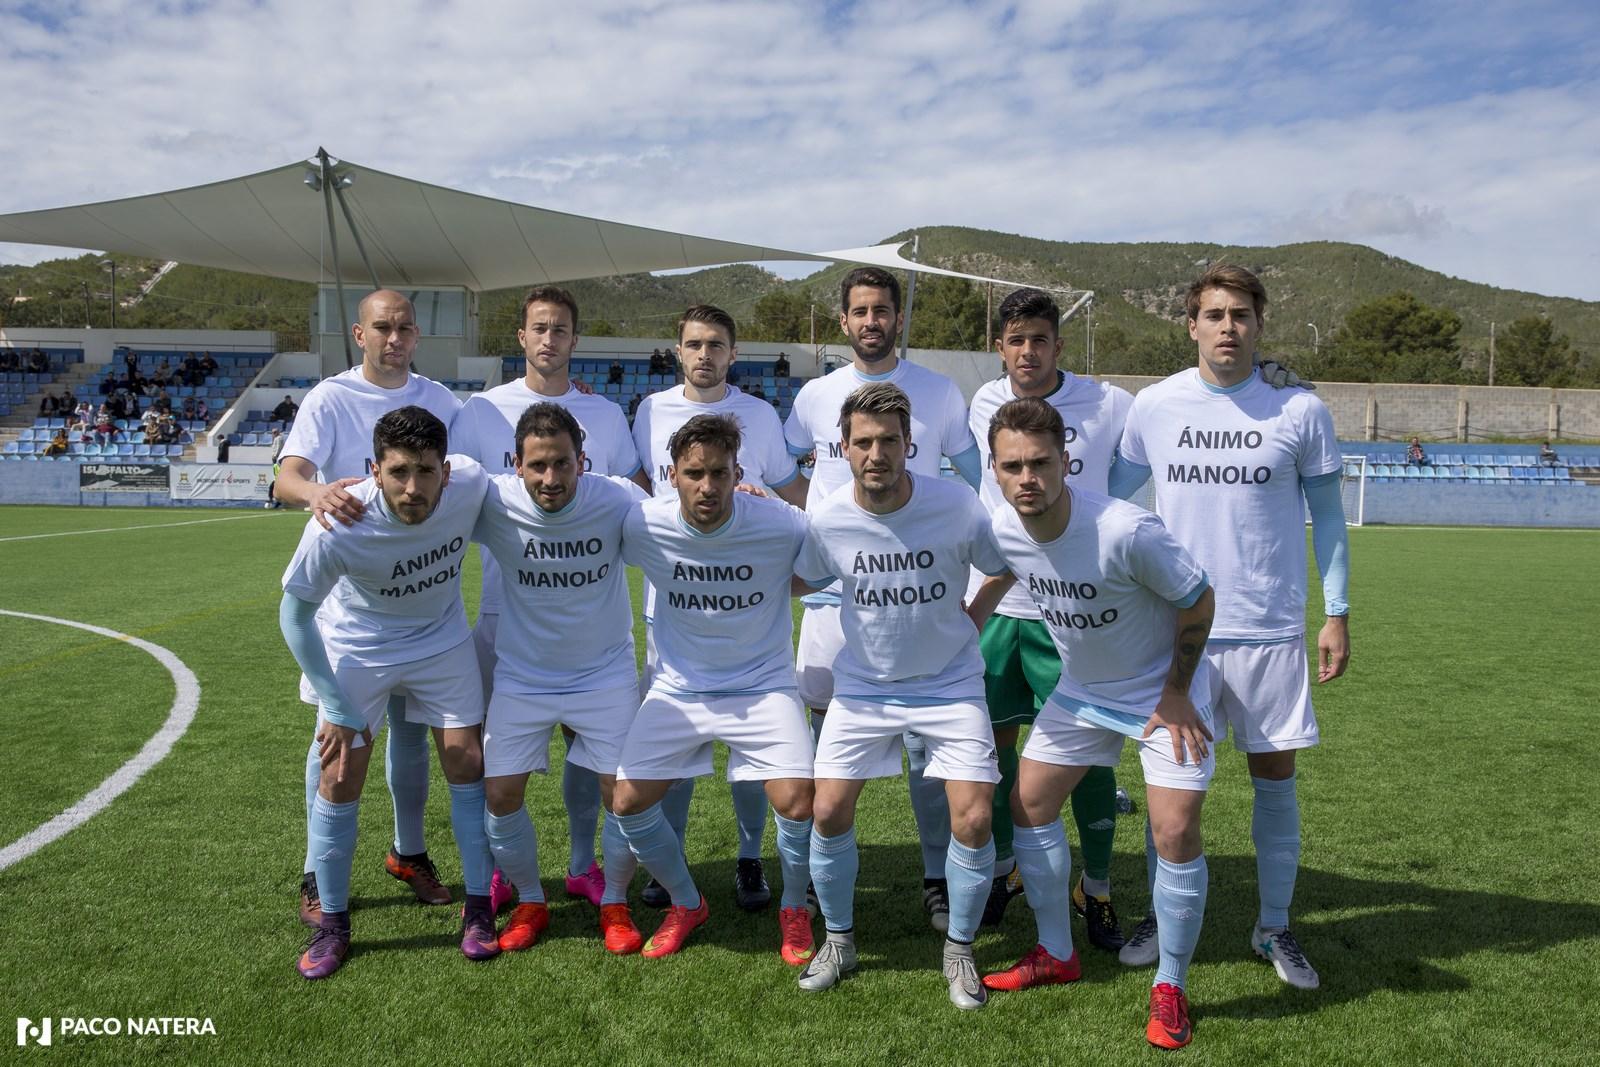 El equipo unionista ha saltado al verde con camisetas en apoyo al compañero Manolo, lesionado de gravedad.